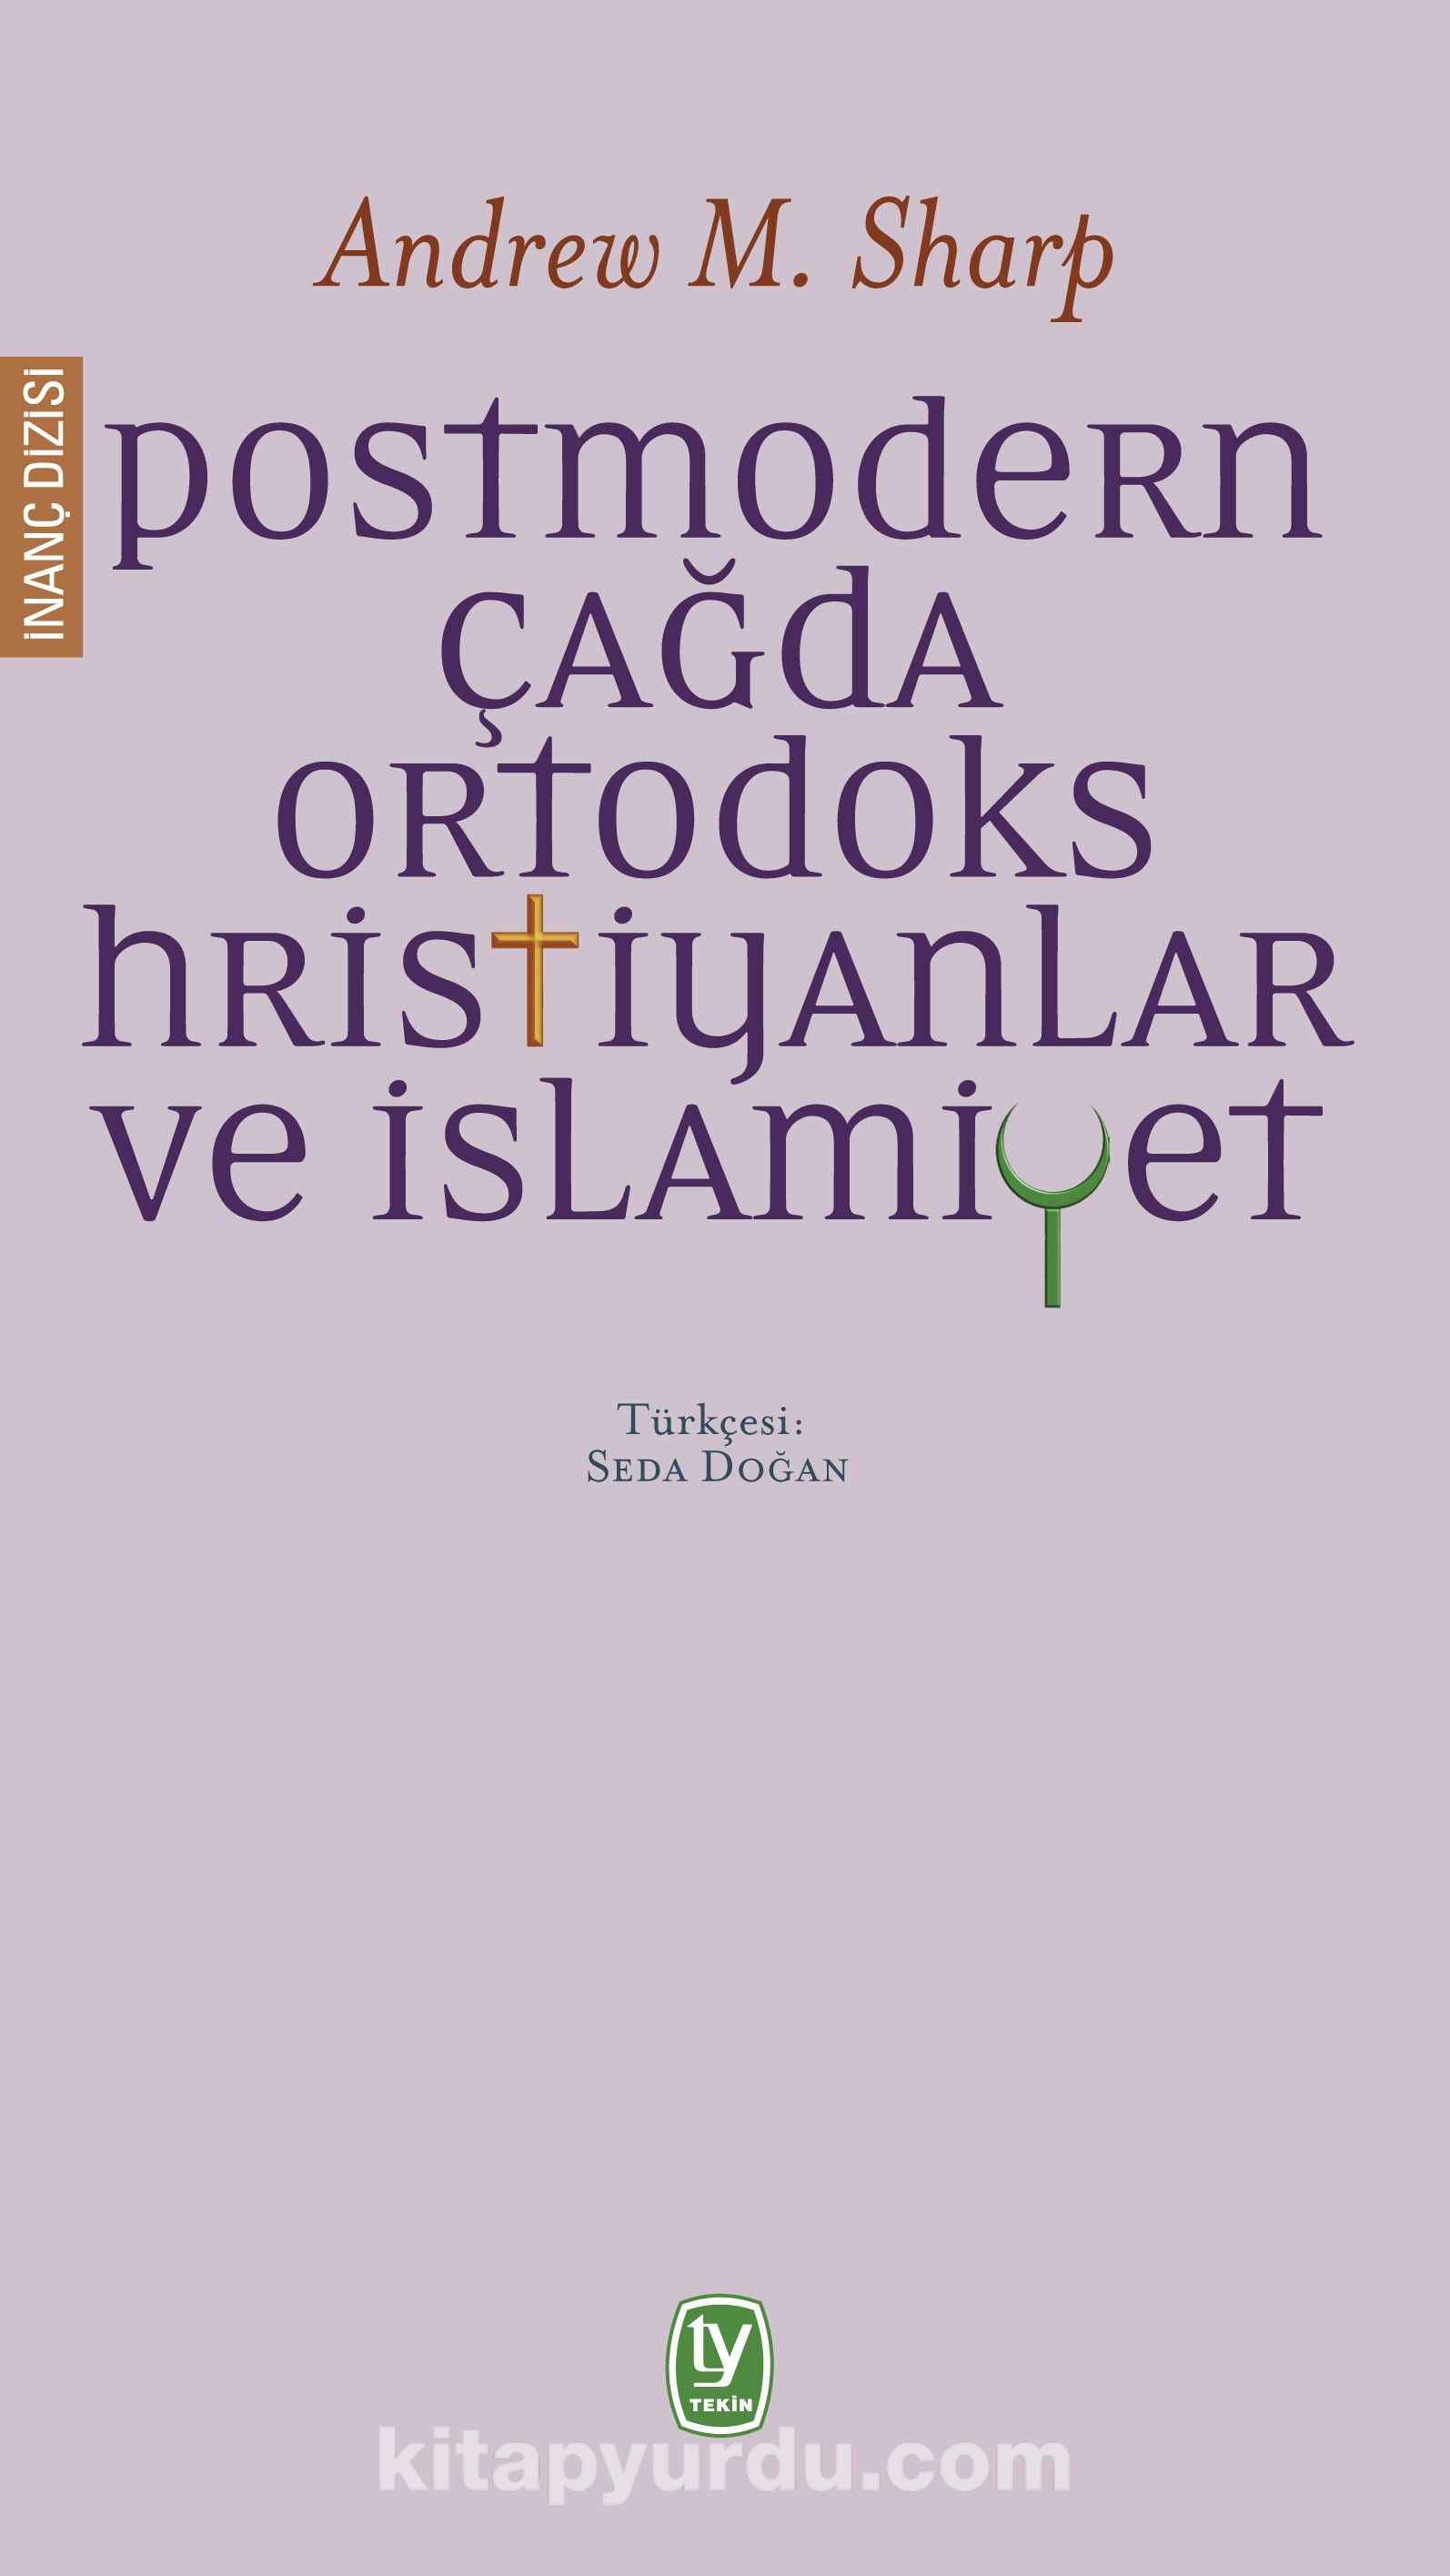 Postmodern Çağda Ortodoks Hristiyanlar ve İslamiyet - Andrew M. Sharp pdf epub